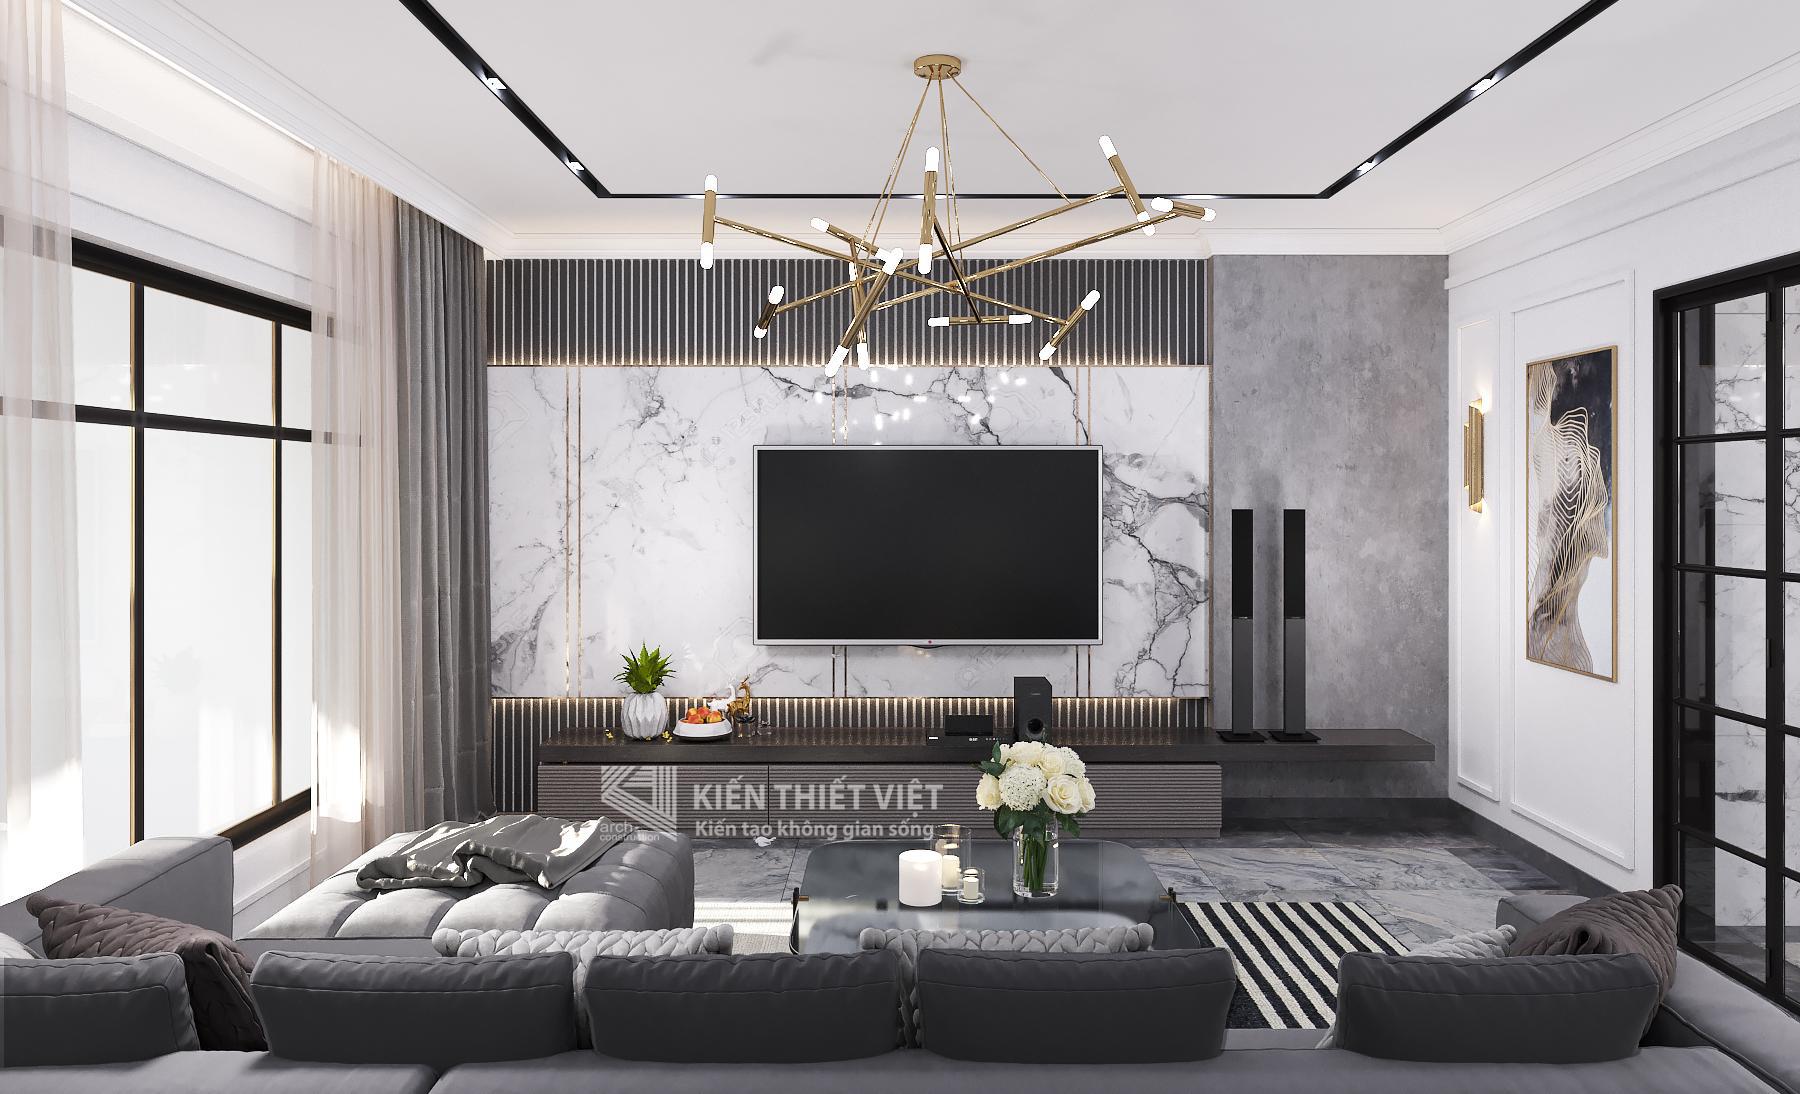 Thiết kế nội thất Nhà Mặt Phố tại Hồ Chí Minh Nhà phố Vườn Lài Tân Phú 1593399391 3